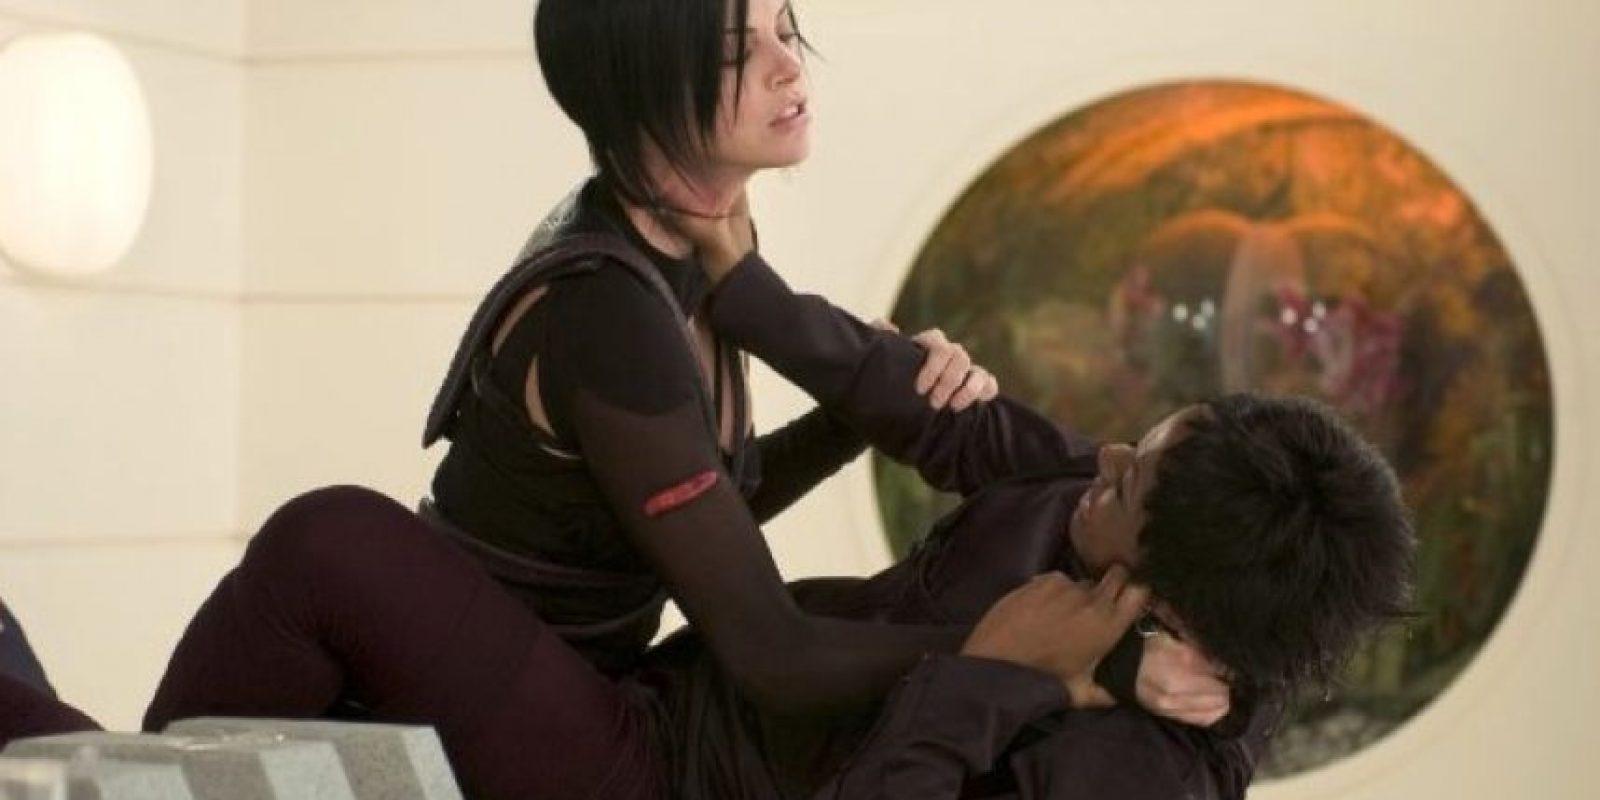 """En 2004, la actriz Charlize Theron se lastimó el cuello mientras colgaba de un cable para una escena de la película """"Aeon Flux"""". El accidente provocó que se retrasaran las grabaciones ocho semanas. Foto:IMDB"""